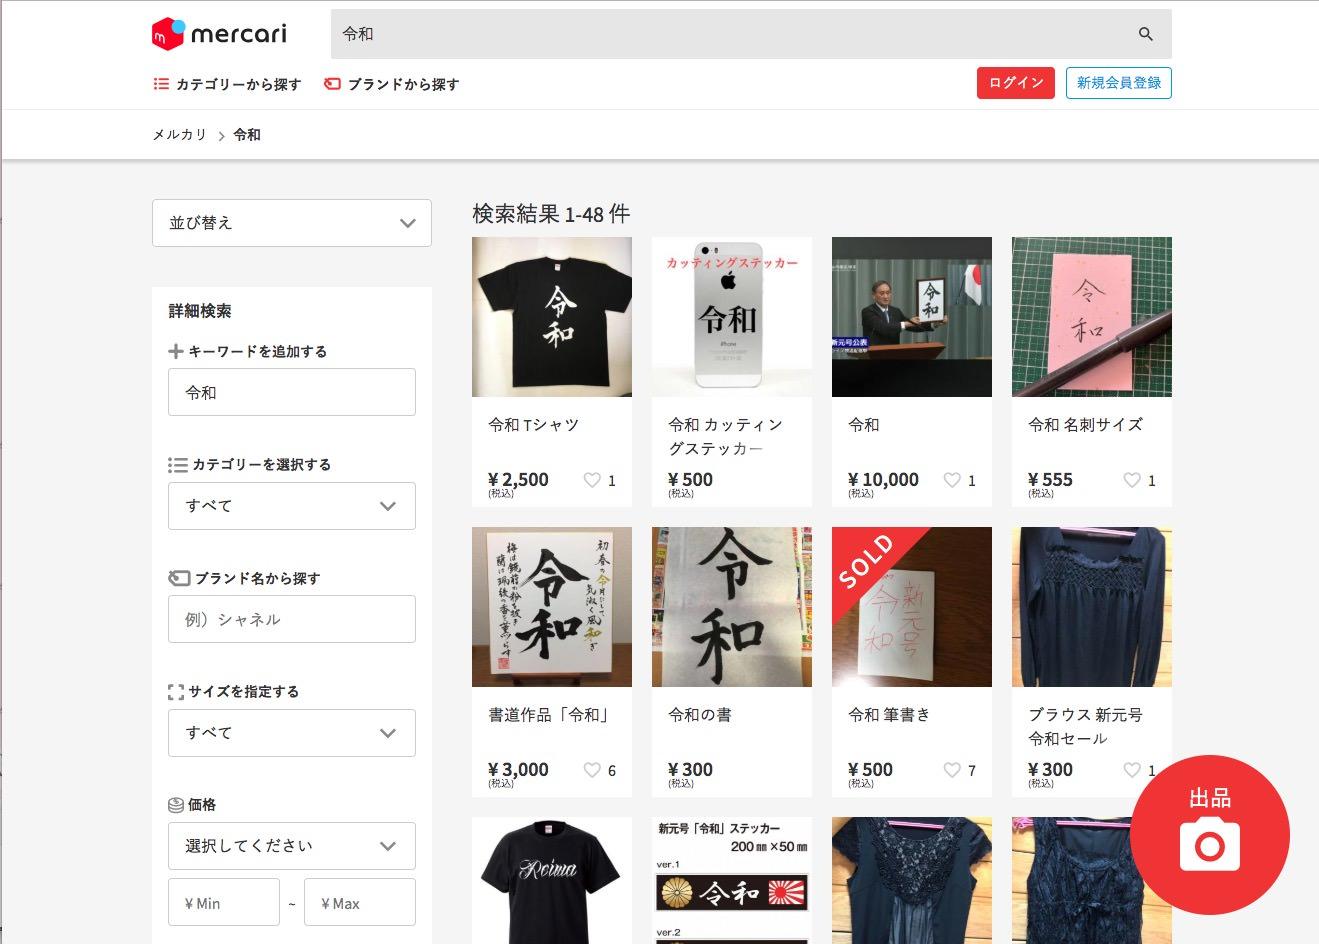 新元号「令和」関連グッズ、メルカリやヤフオクで出品相次ぐ 「令和Tシャツ」「令和ステッカー」など